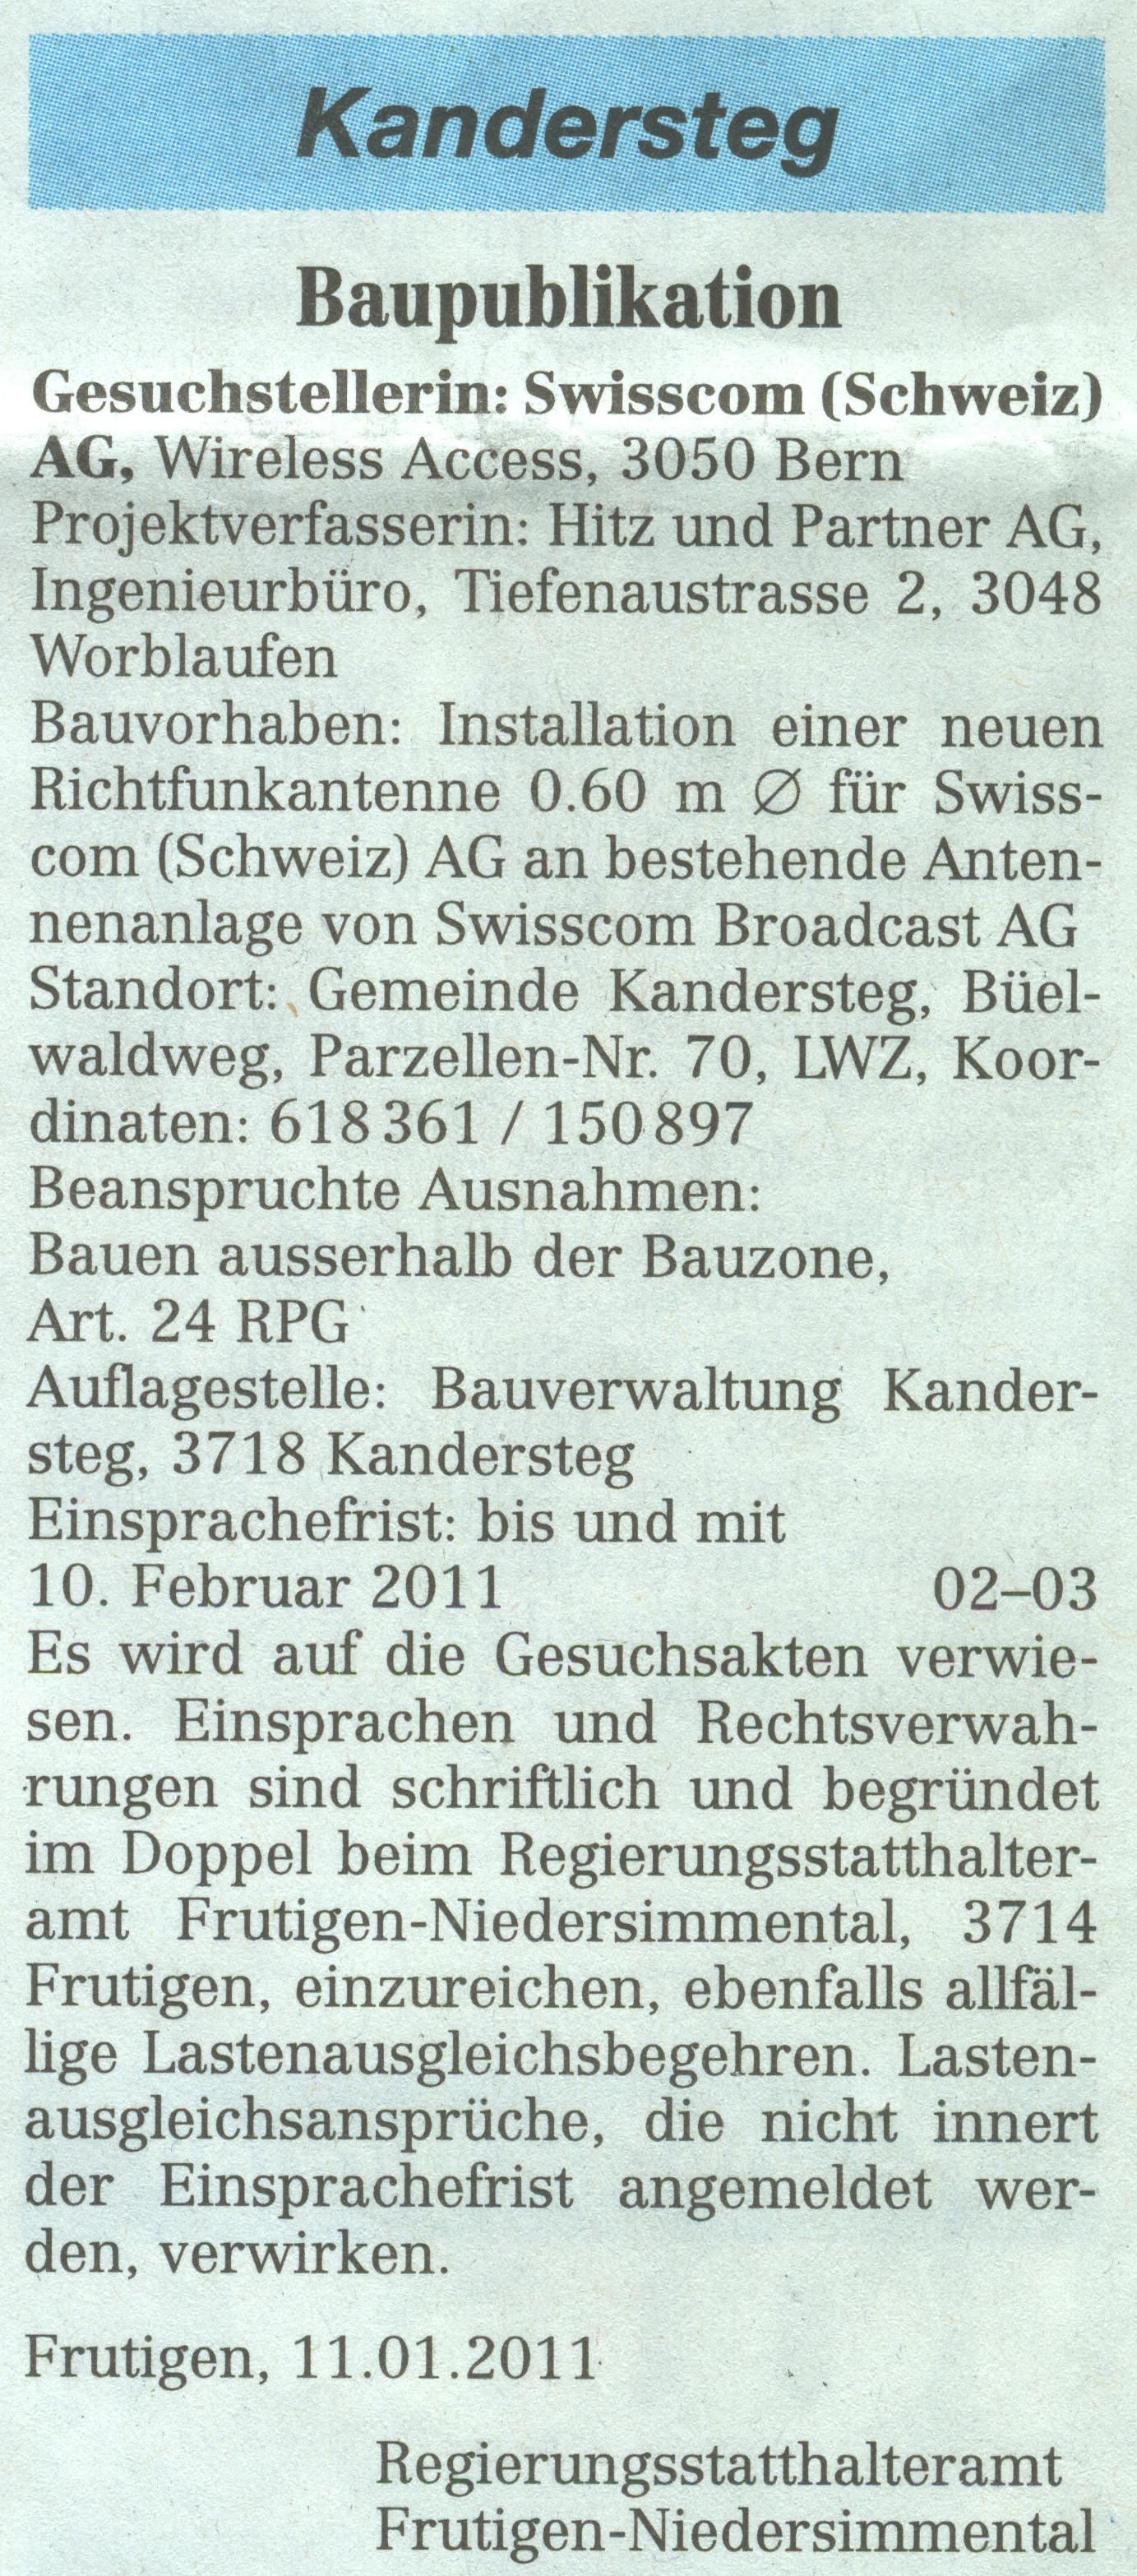 Baupuplikation Kandersteg von 2011